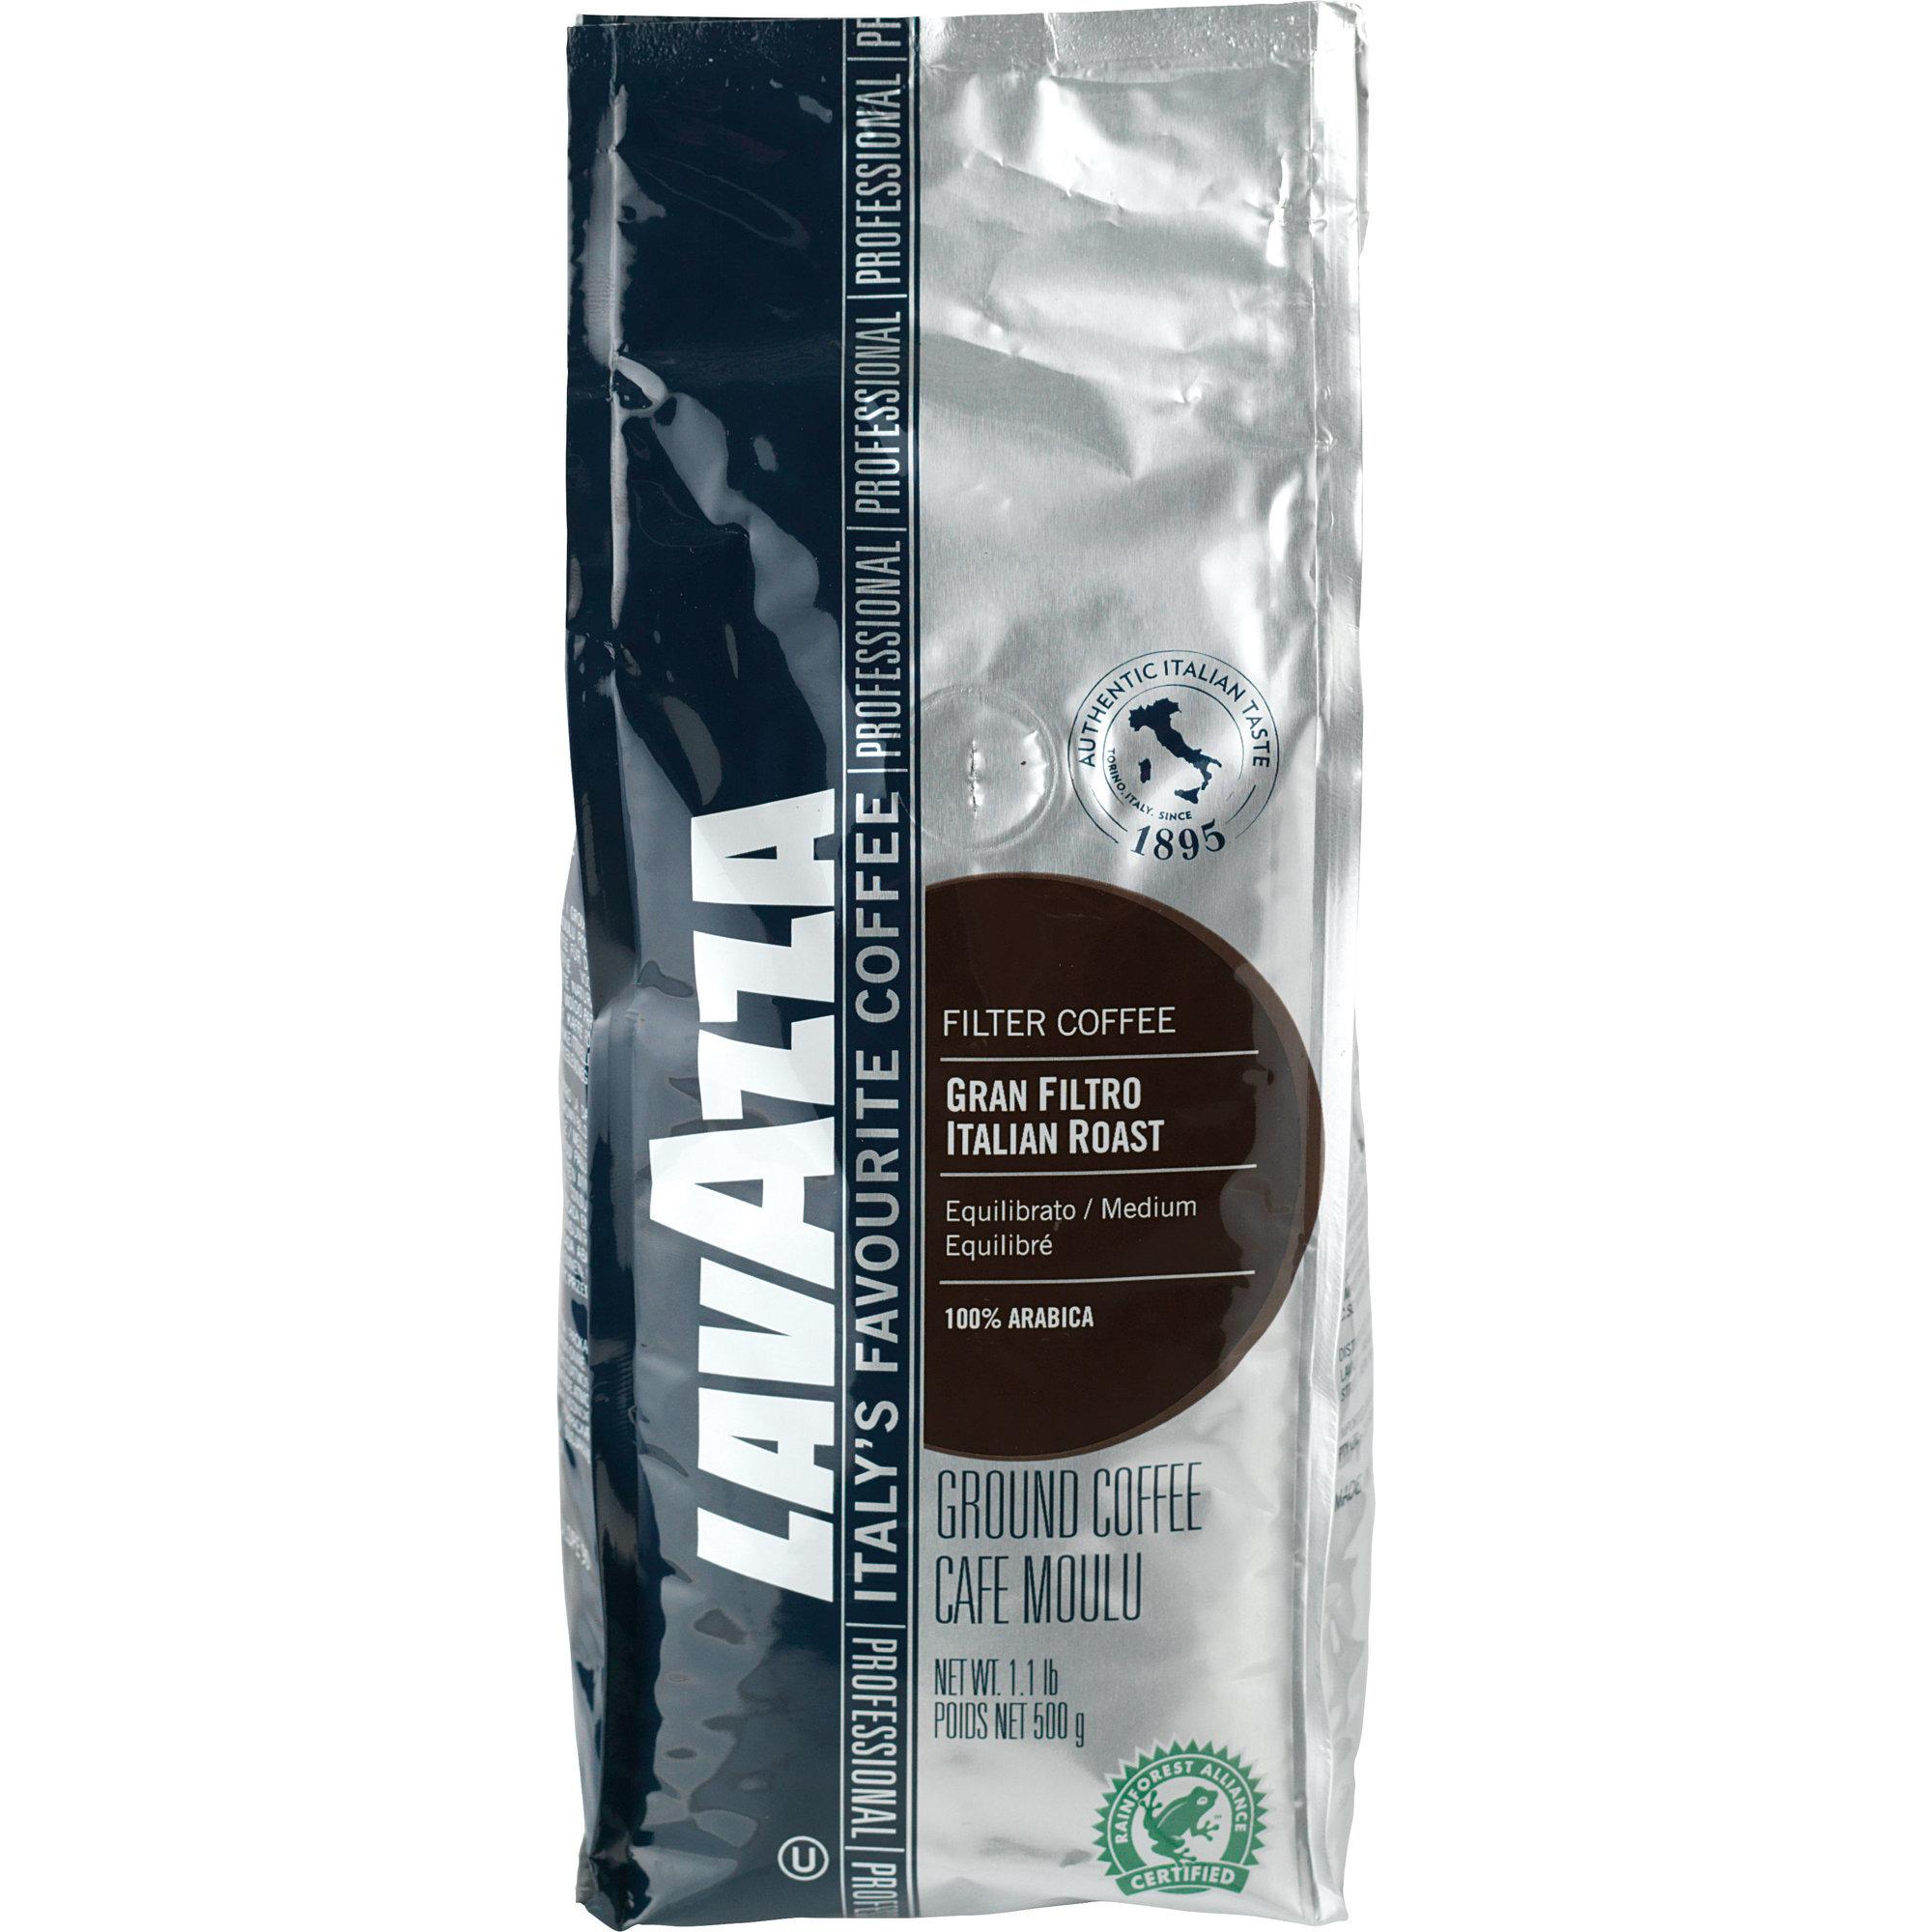 Lavazza Gran Filtro Italian Roast filterkaffe